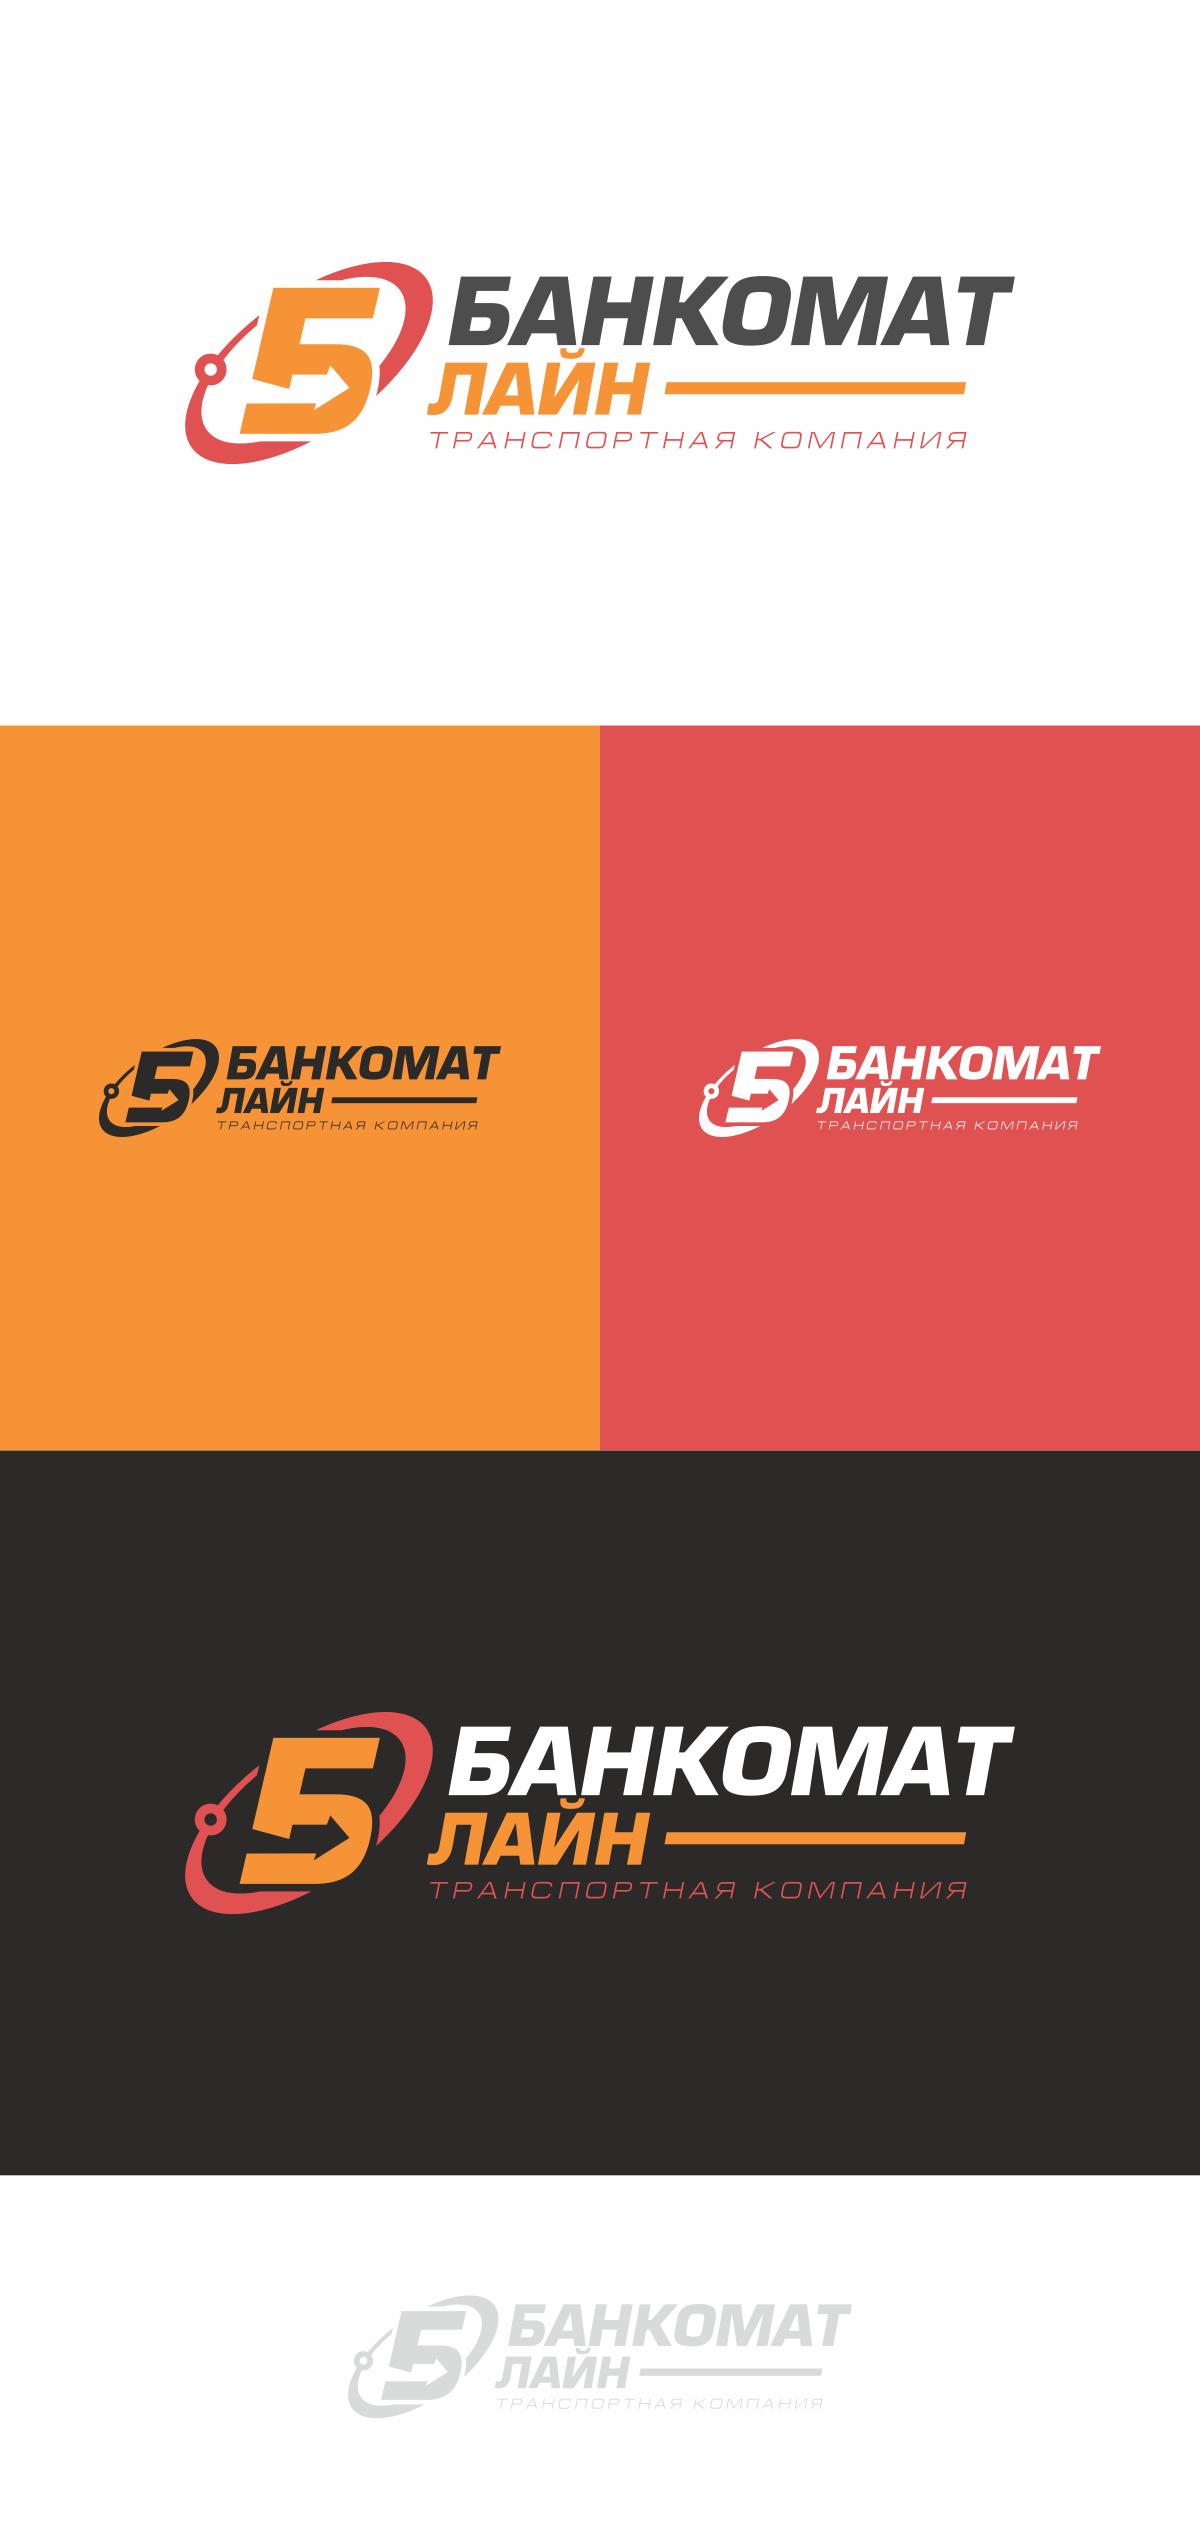 Разработка логотипа и слогана для транспортной компании фото f_030588f4f12d0c5d.jpg